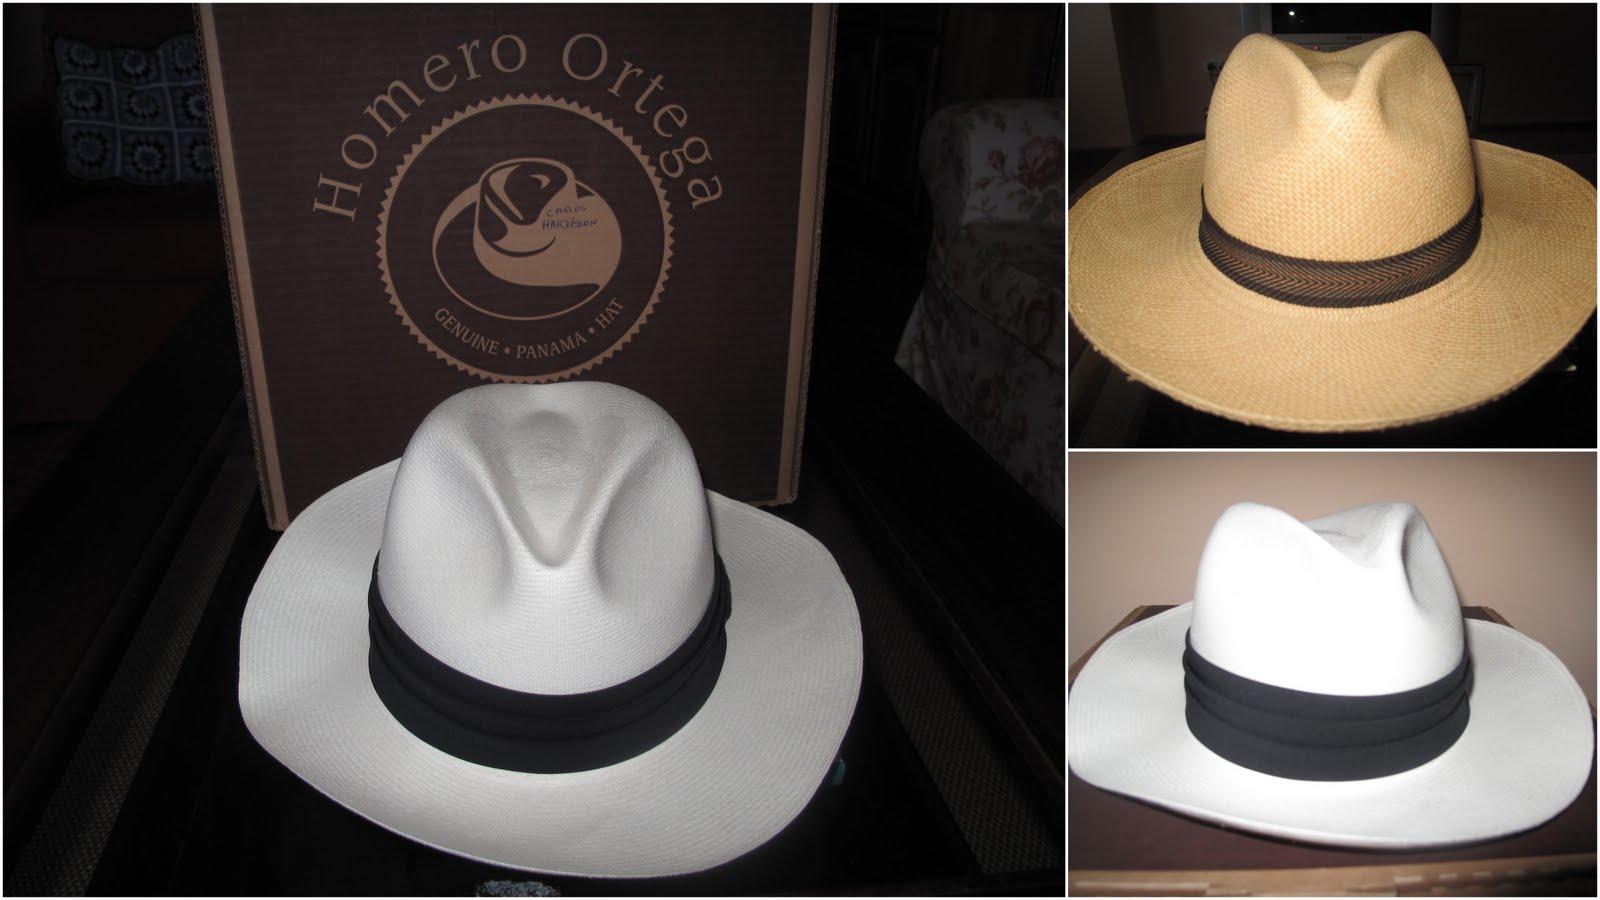 El sombrero de paja toquilla o sombrero Panamá o simplemente Panamá e7d3f6e0e2b